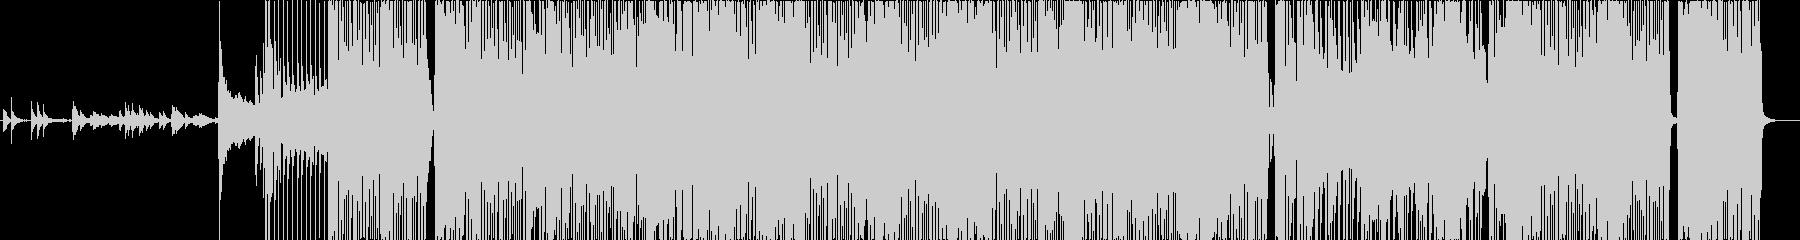 `70s風クラシックロックの未再生の波形